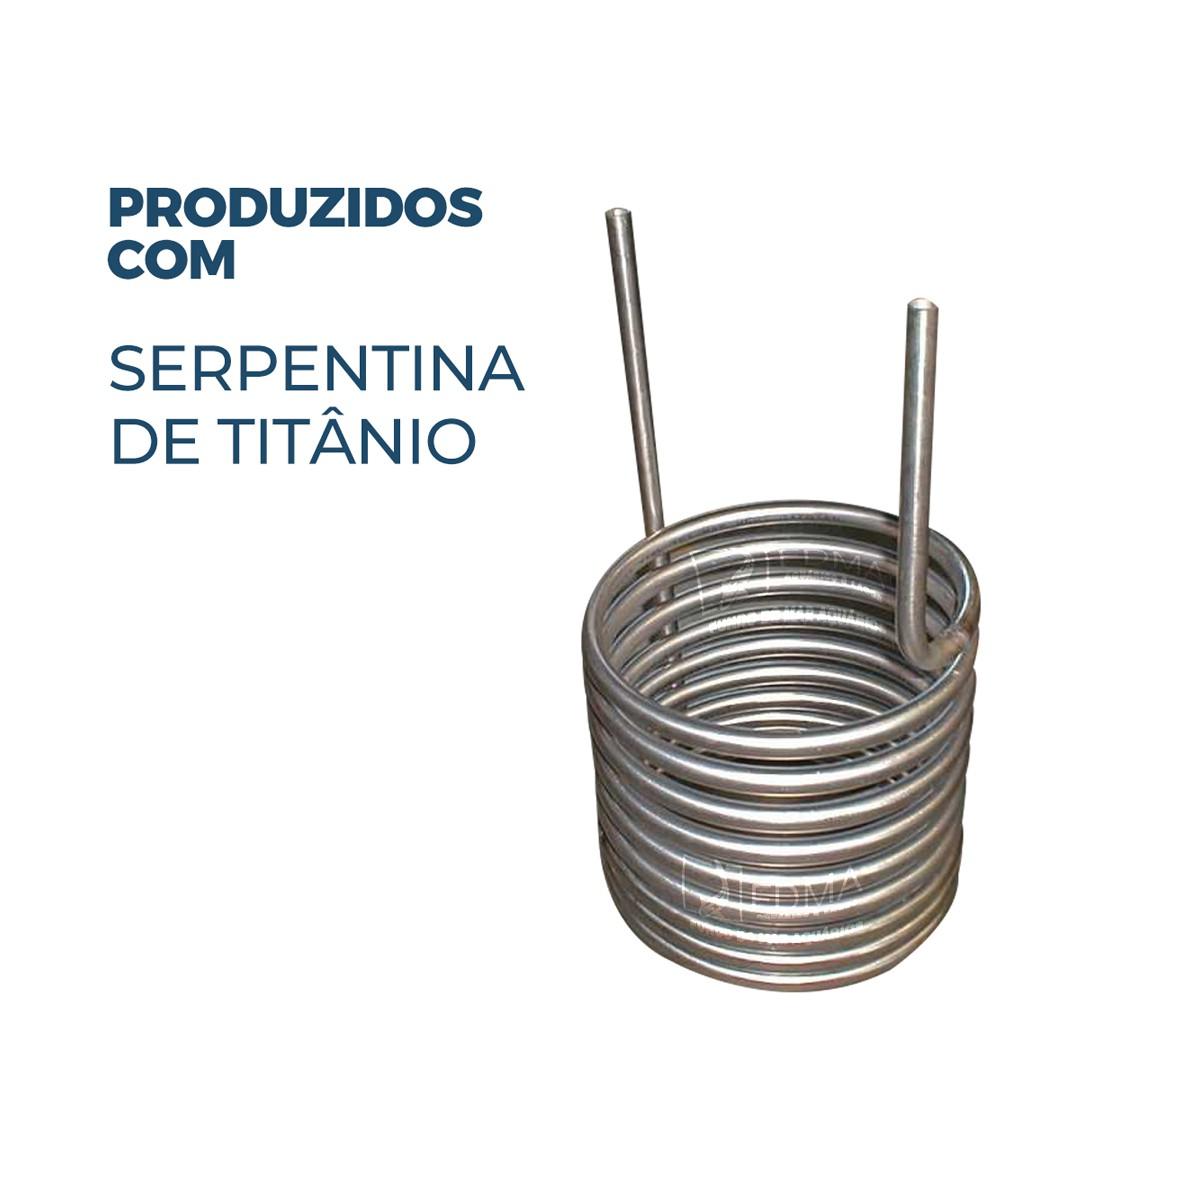 Resfriador para Aquários Chiller Refripampa 1/8 Hp Rf350 P/ 300L